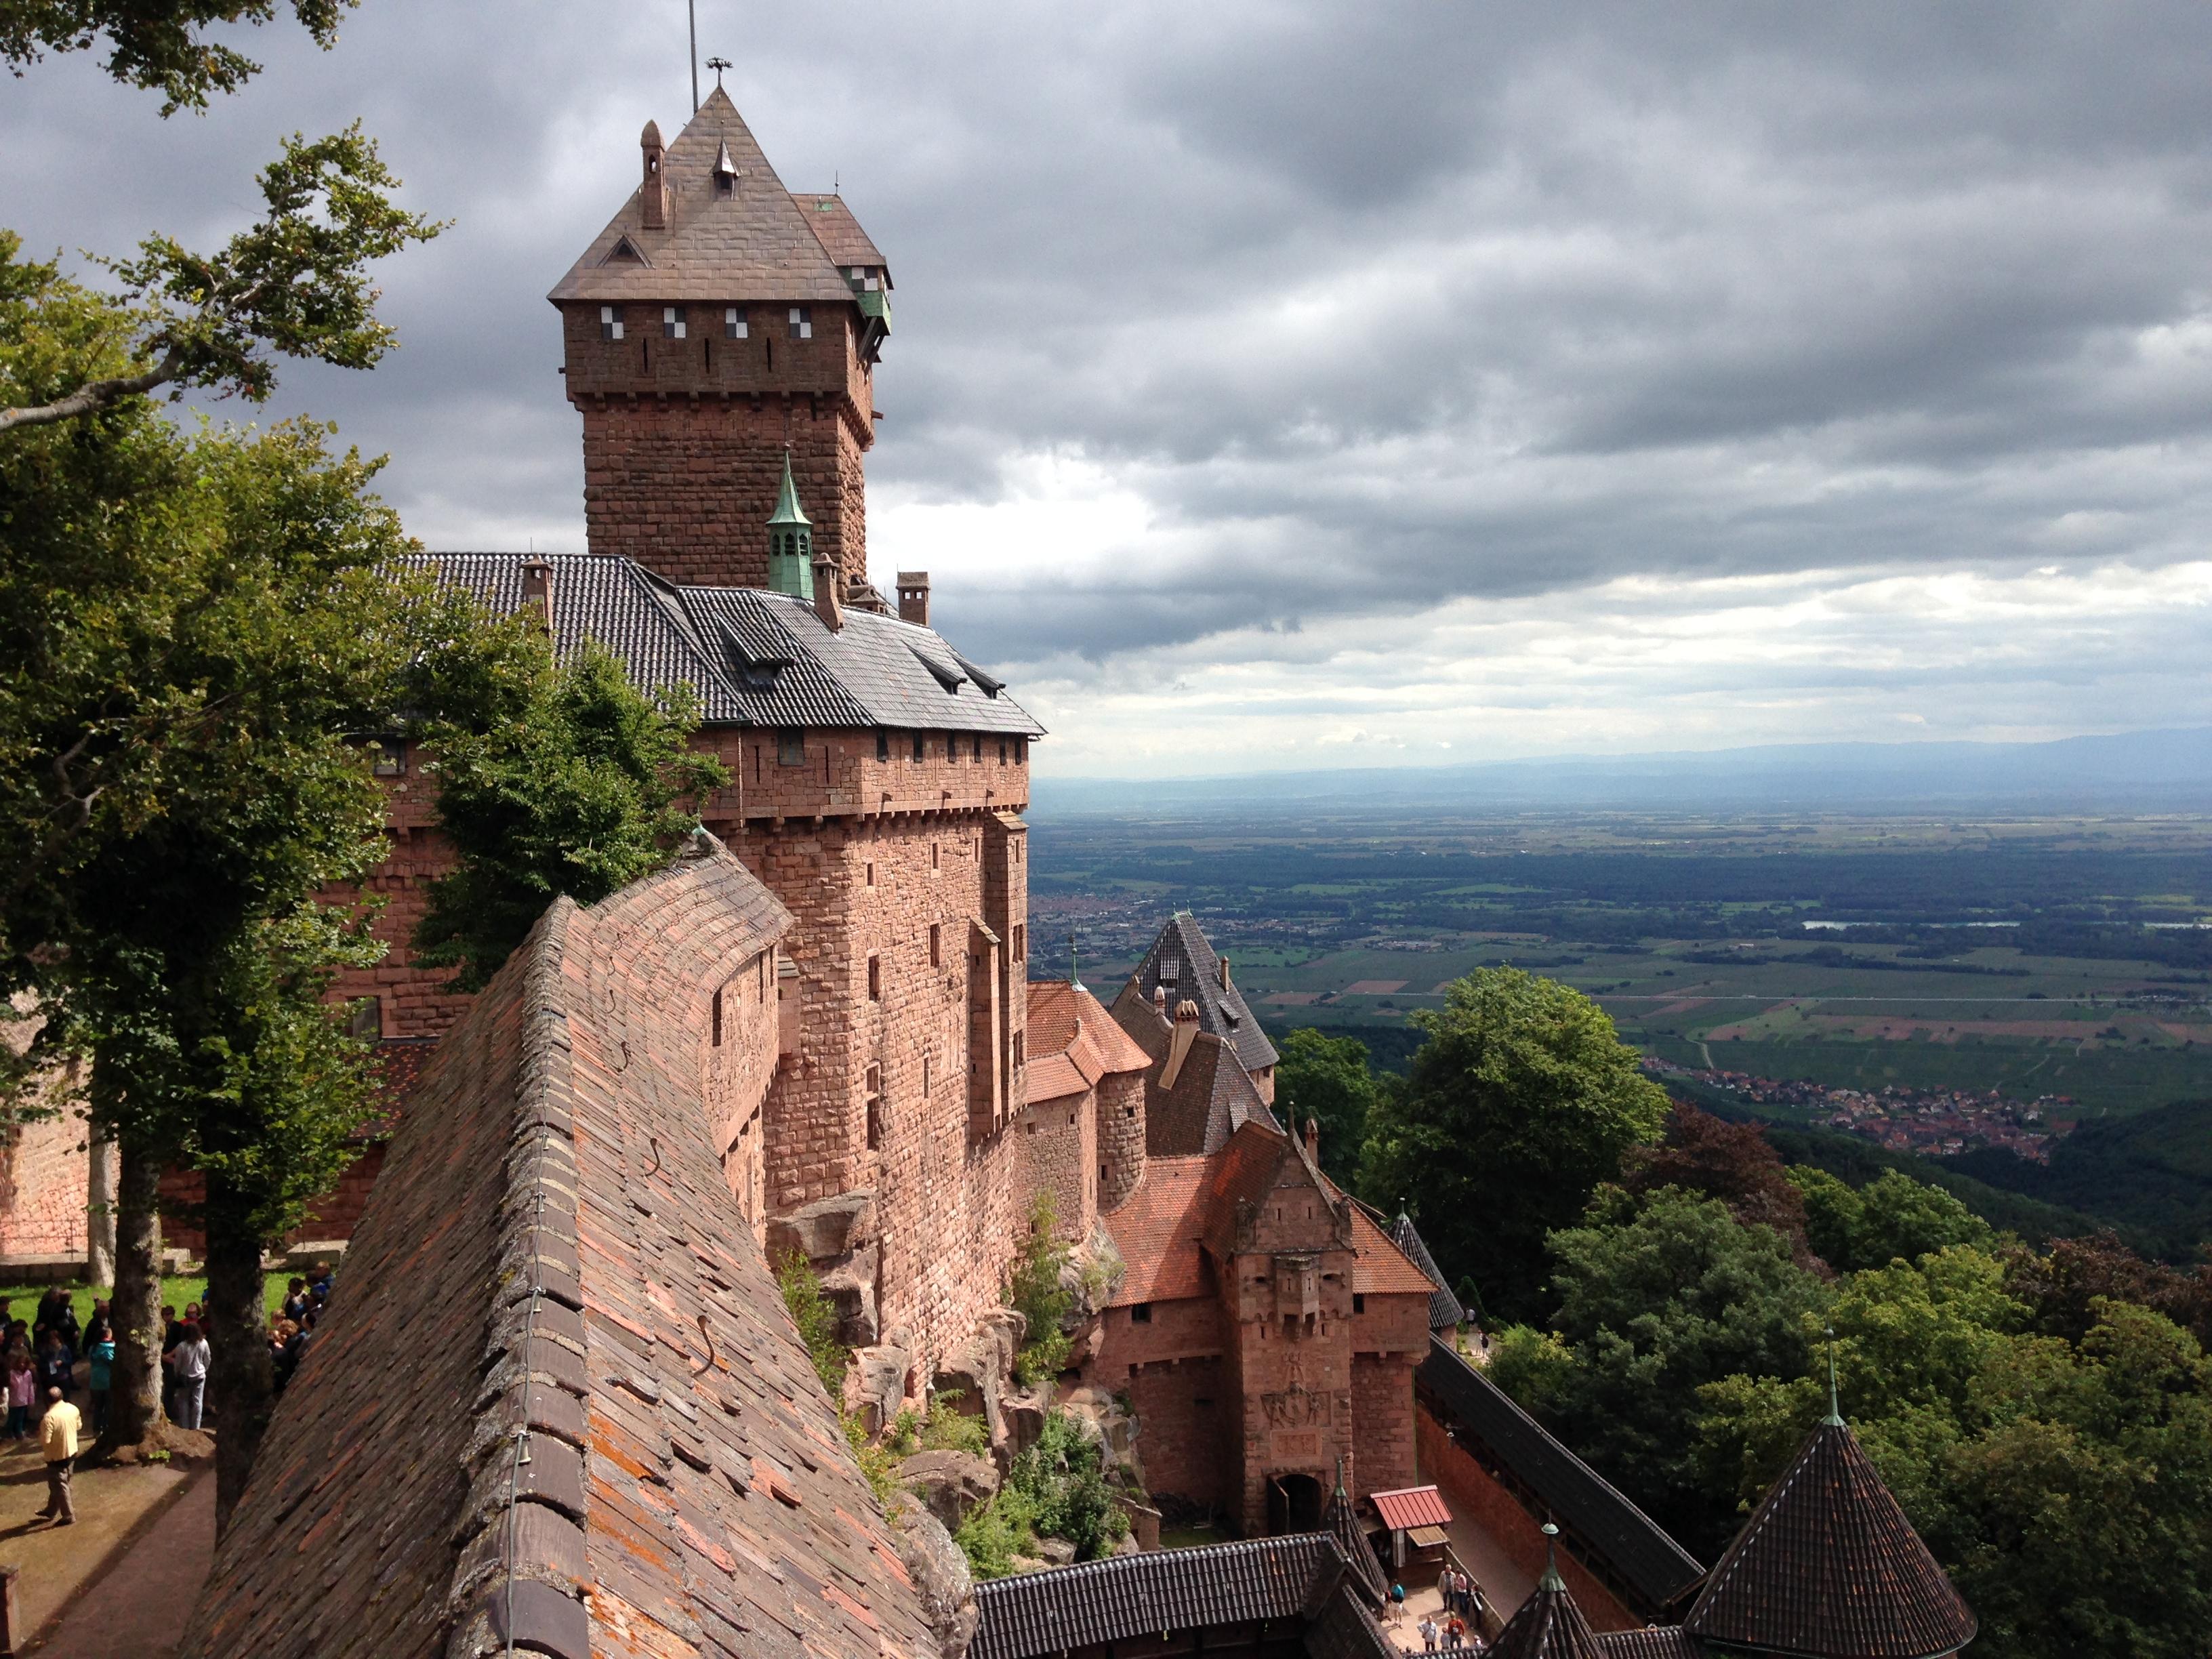 お城の山に登ると視界が開けて、アルザスの村々が見渡せる。